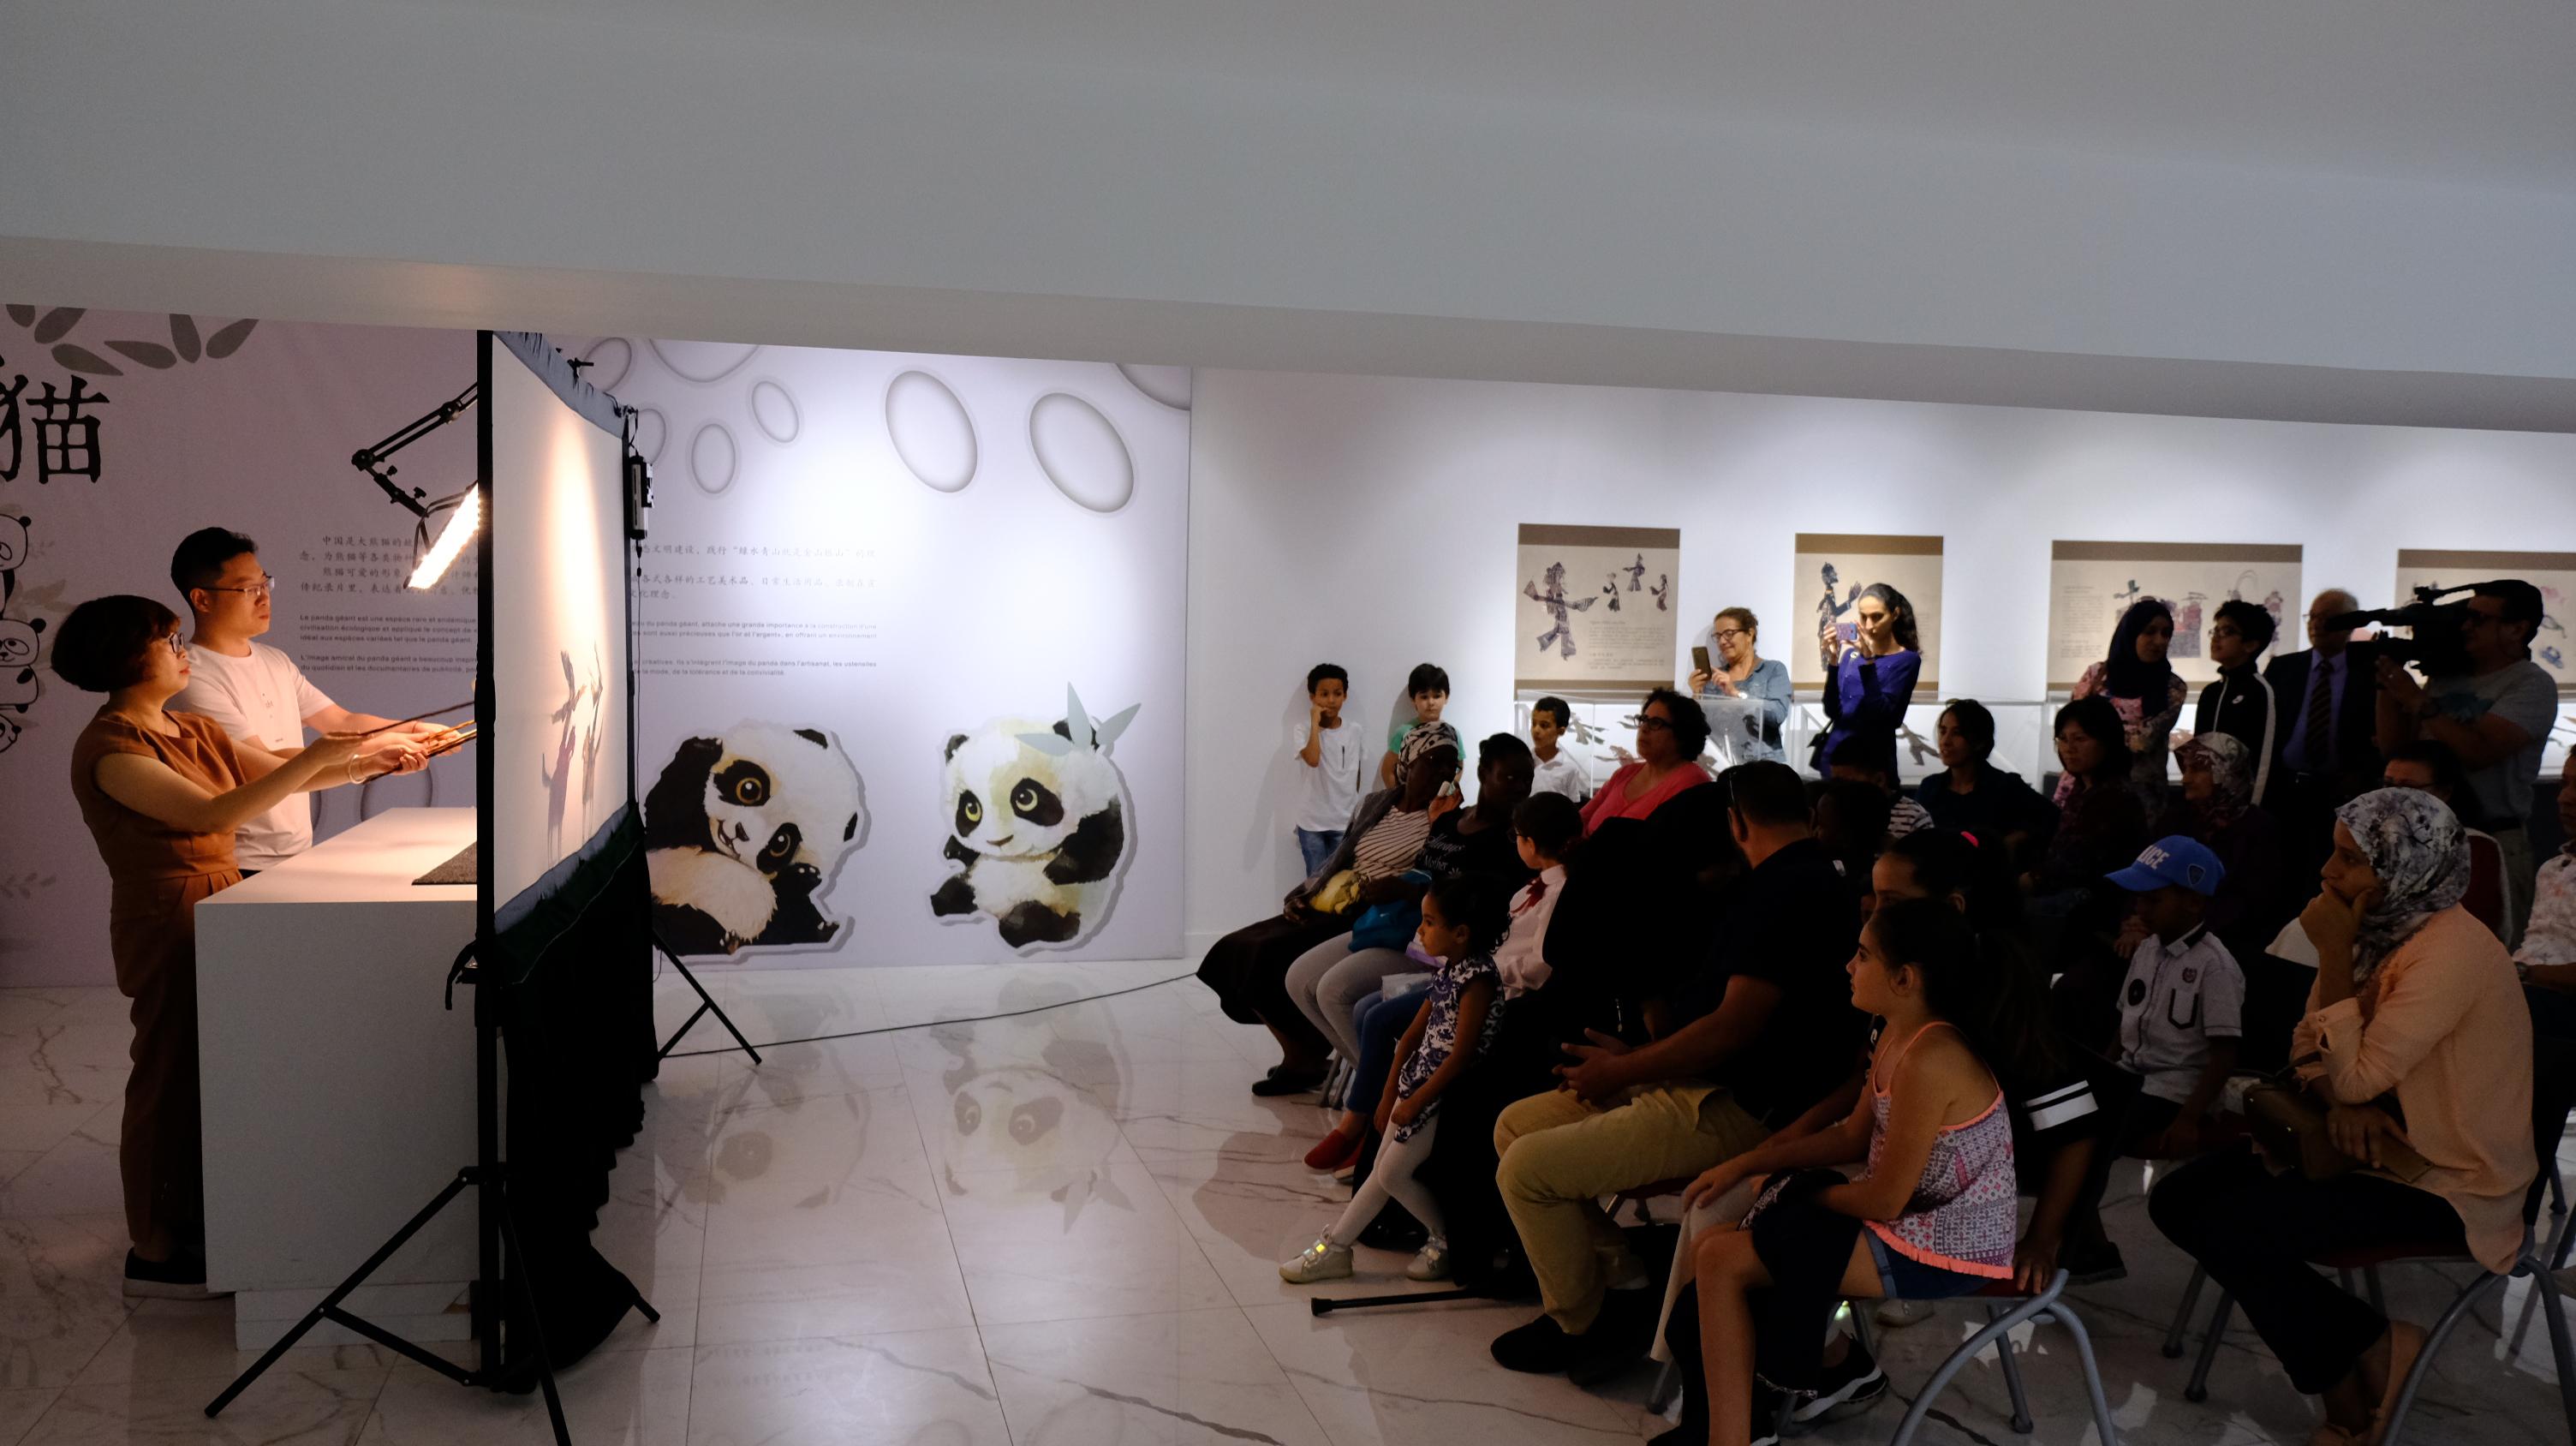 中国皮影艺术展在摩洛哥开展